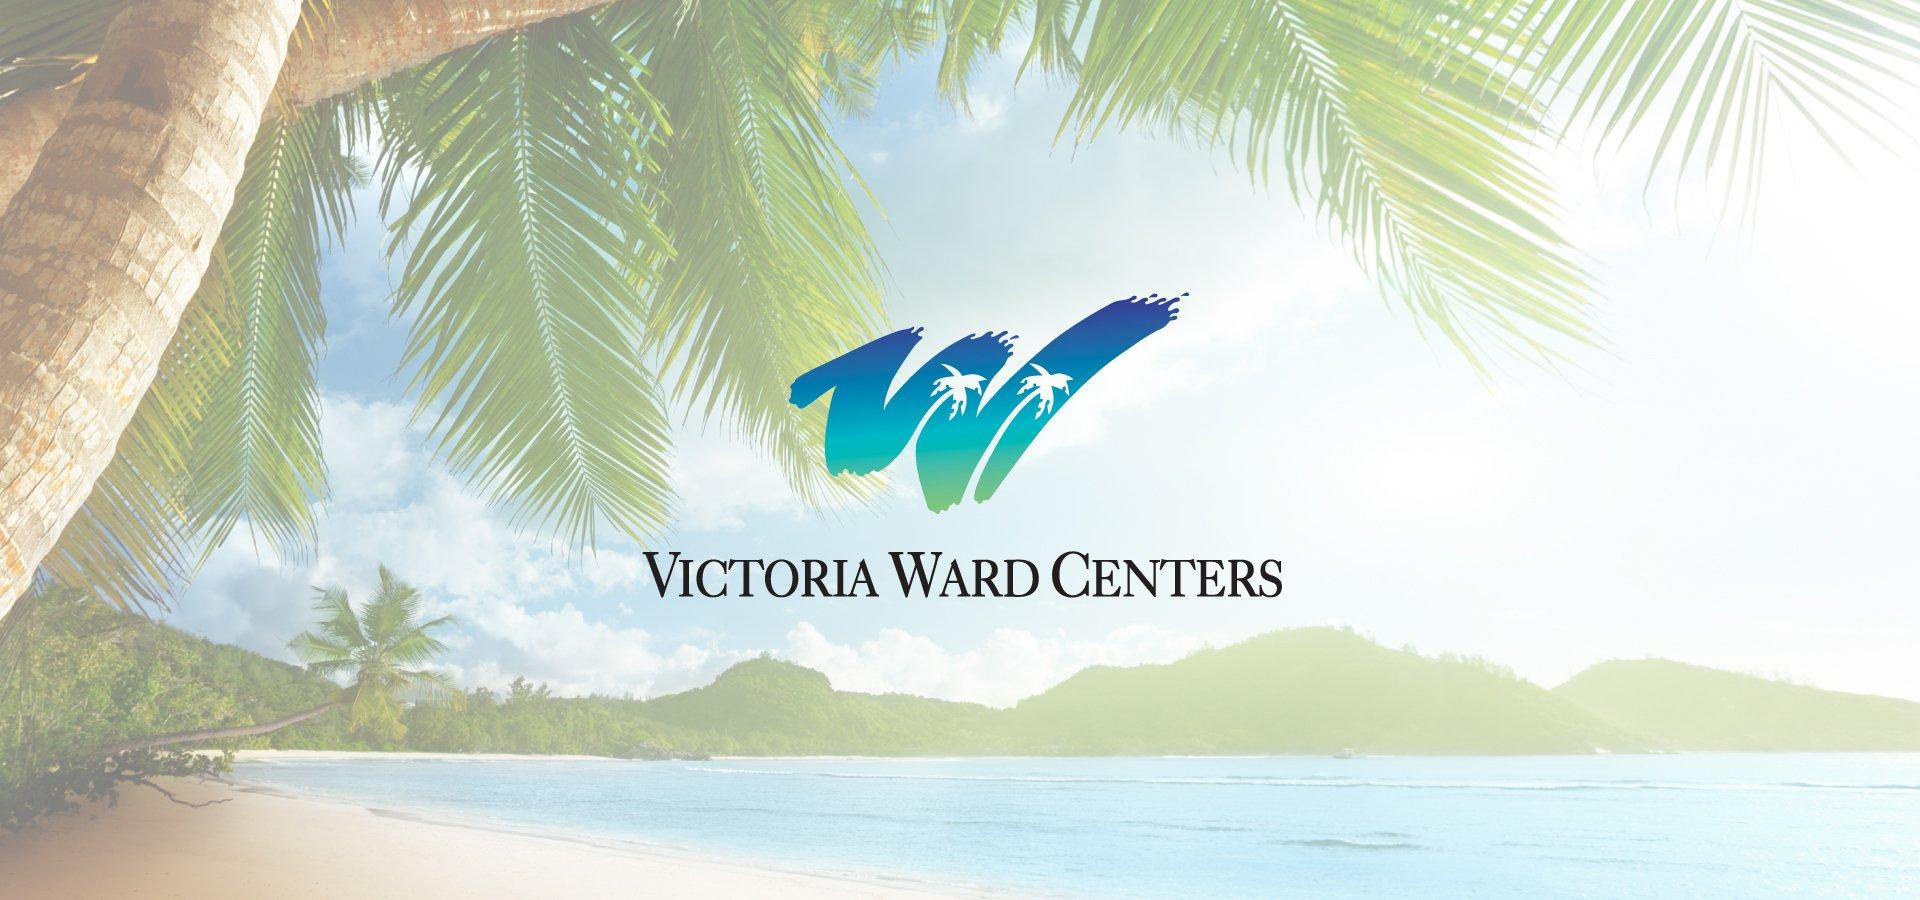 Victoria Ward Centers